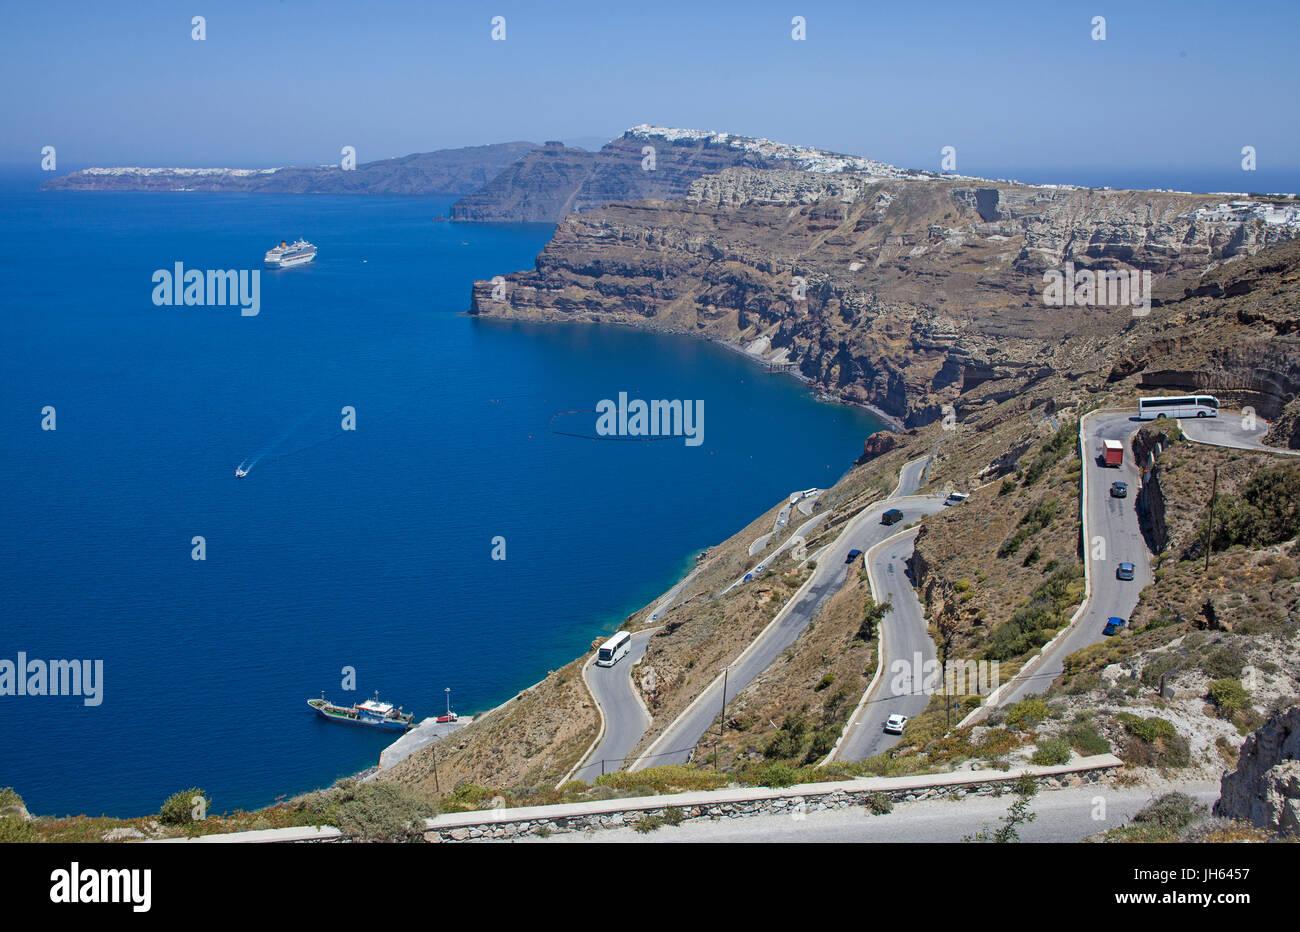 Strasse hinunter zum Faehrhafen Athinios und Blick auf die Caldera, Santorin, Kykladen, Aegaeis, Griechenland, Mittelmeer, - Stock Image